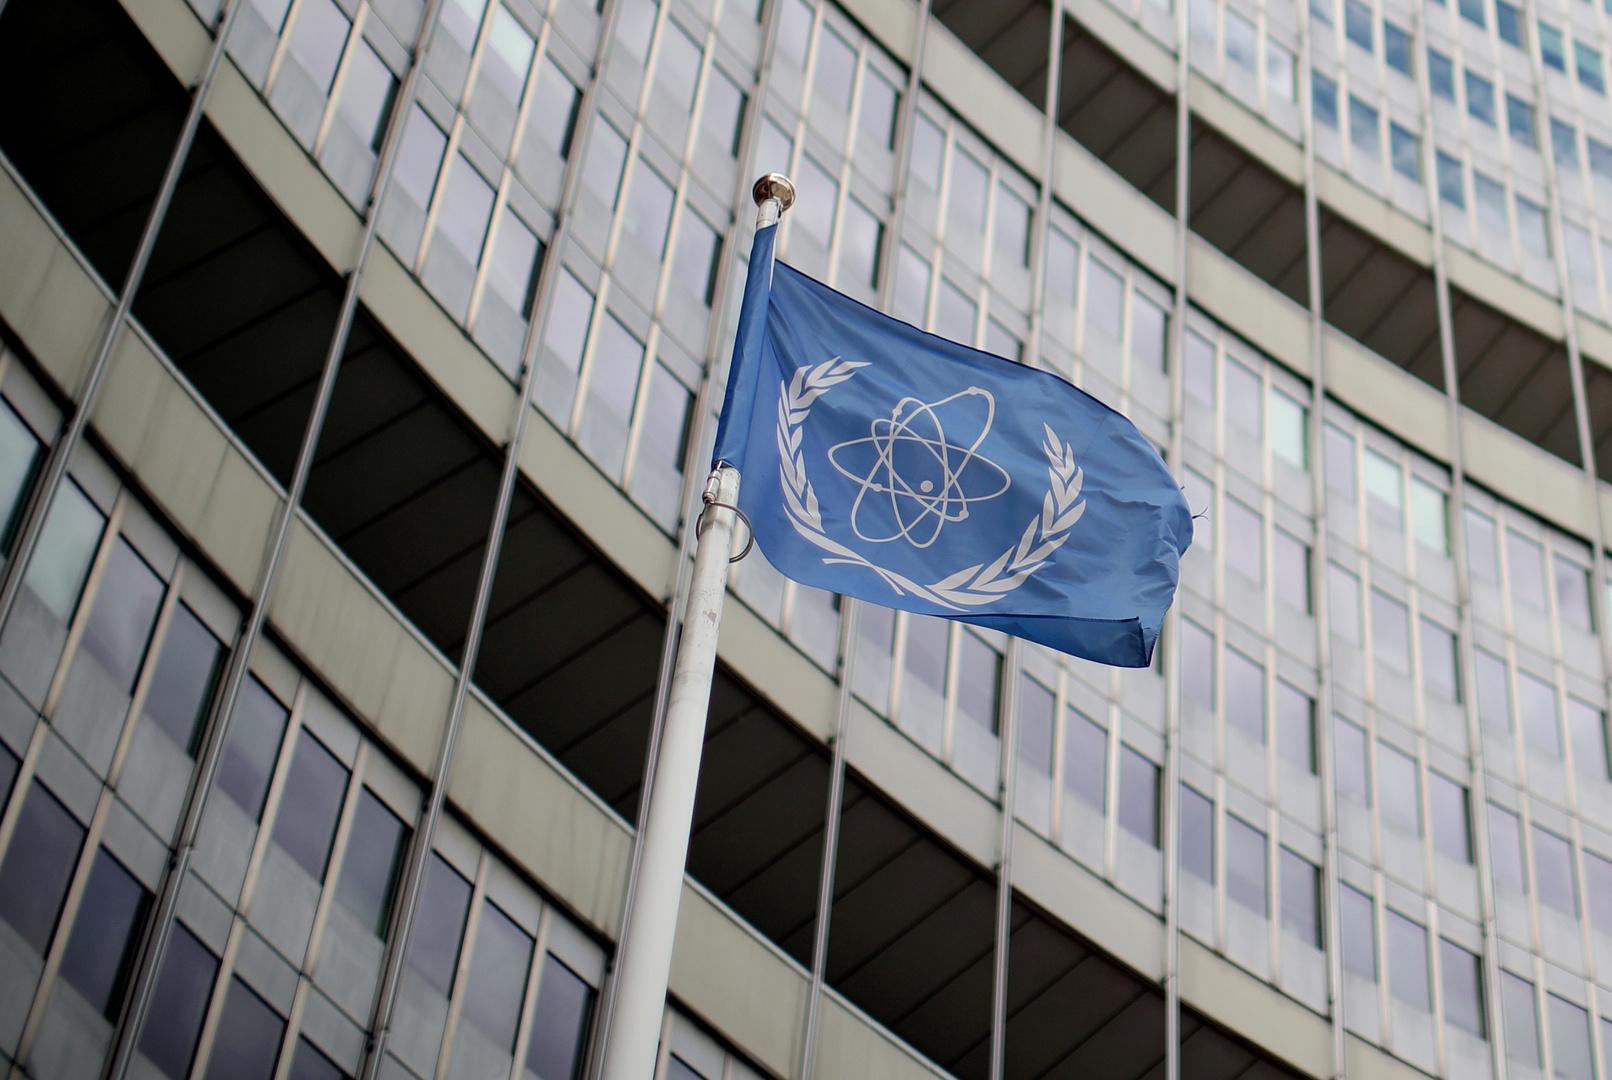 مقر الوكالة الدولية للطاقة الذرية في فيينا.